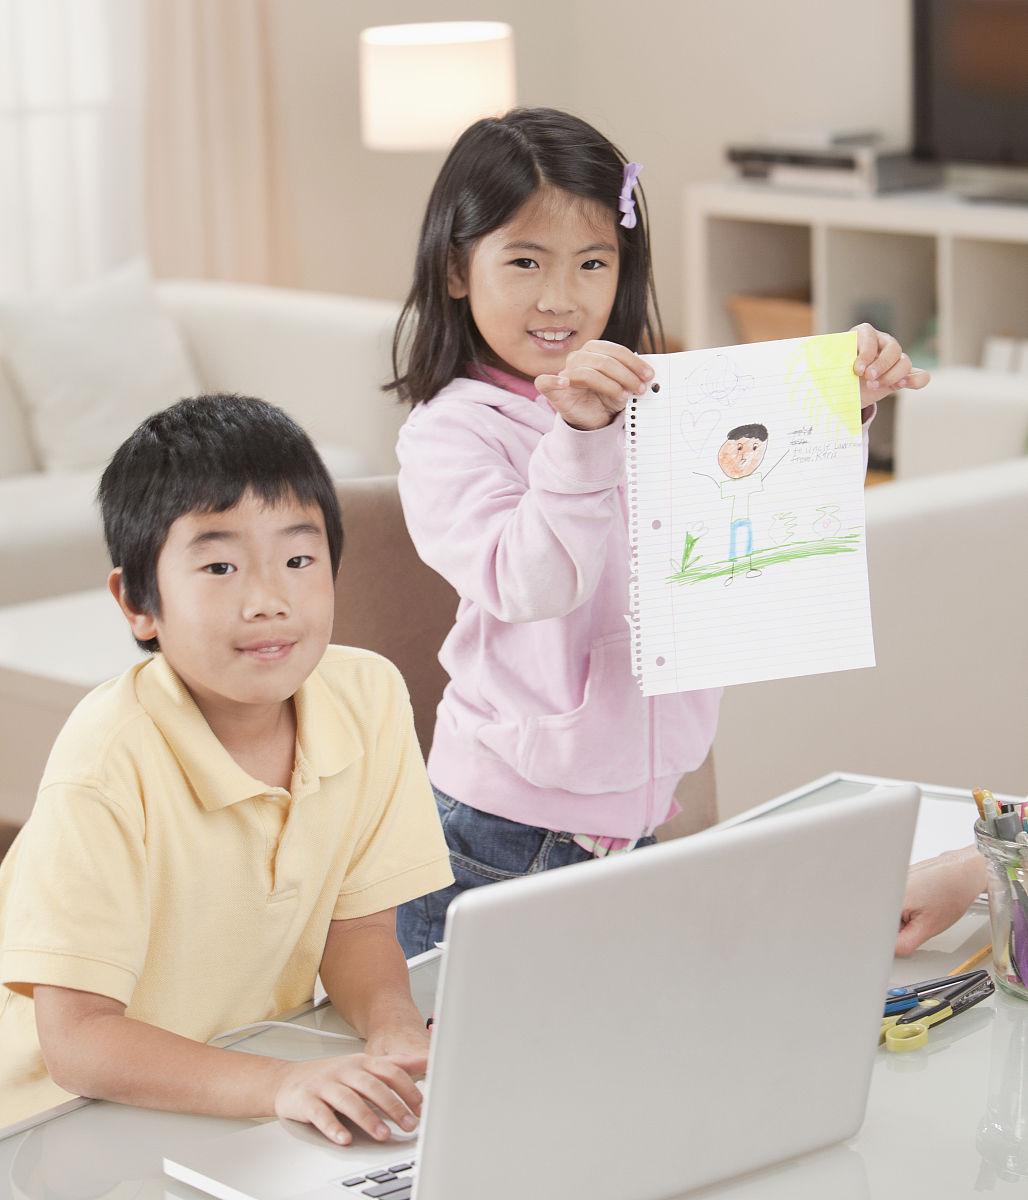 韓國兒童與筆記本電腦和繪圖圖片